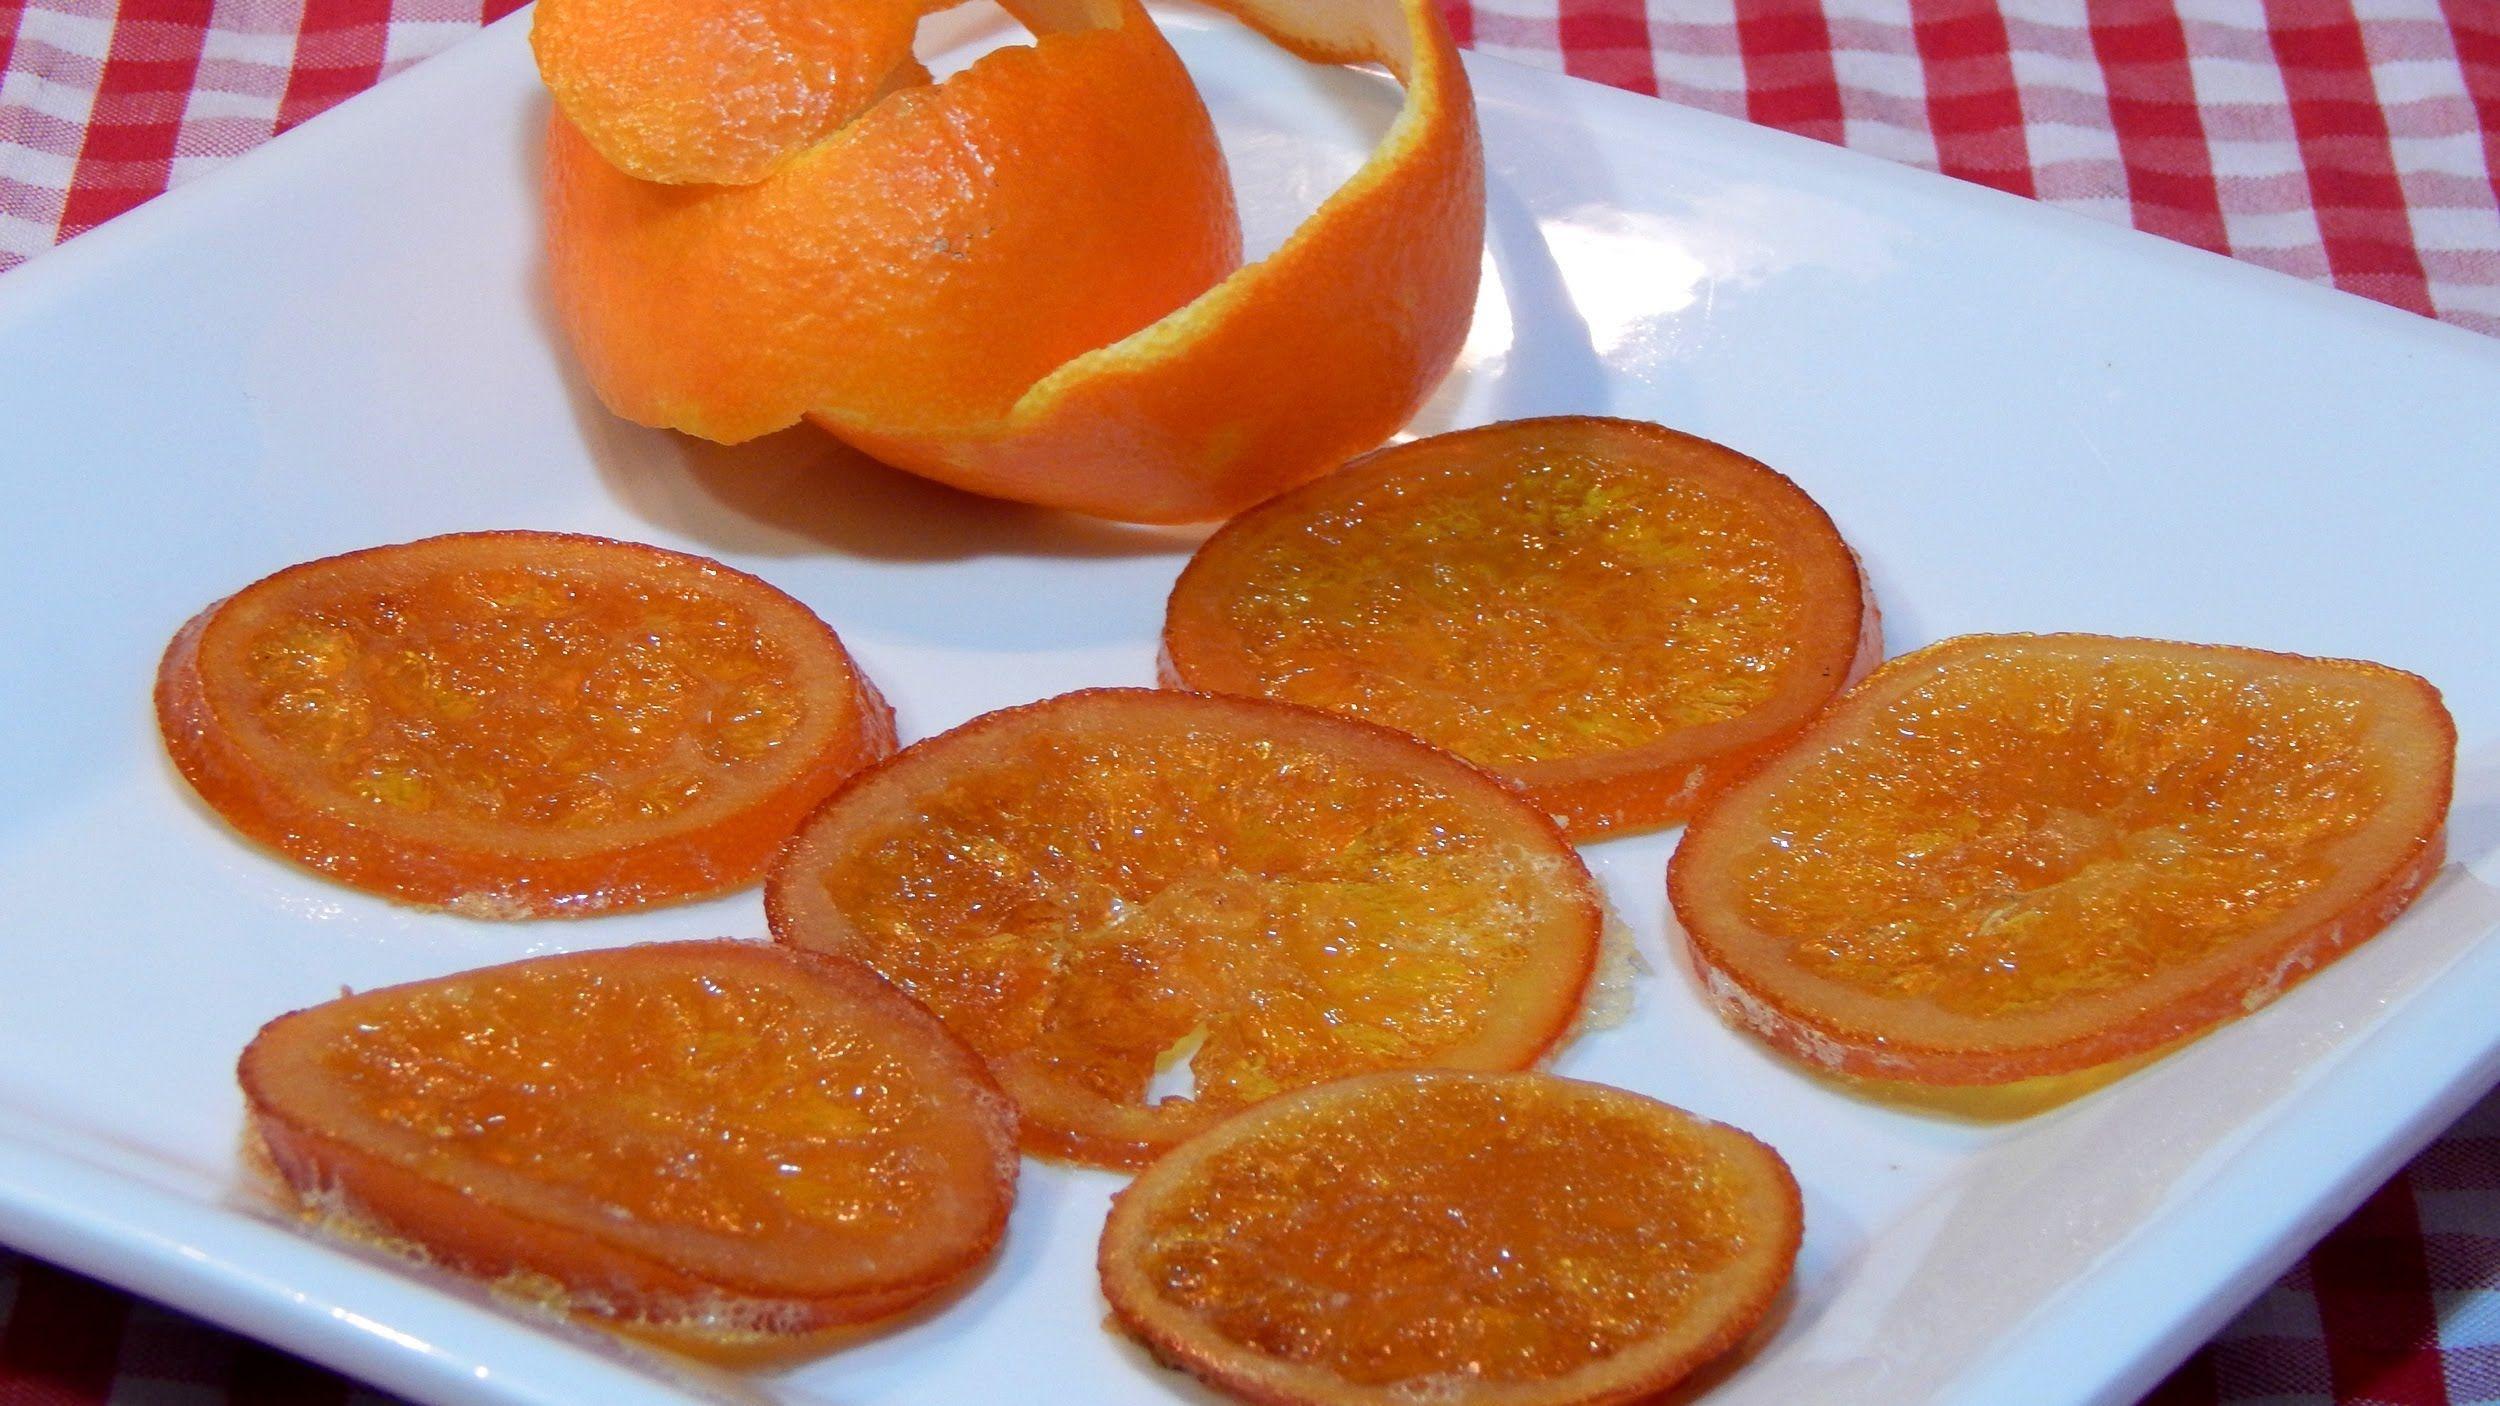 SI necesitas un adorno original para tus tartas o pasteles, no dudes en elaborar esta receta fácil de naranja confitada, con ella conseguirás un adorno comes...